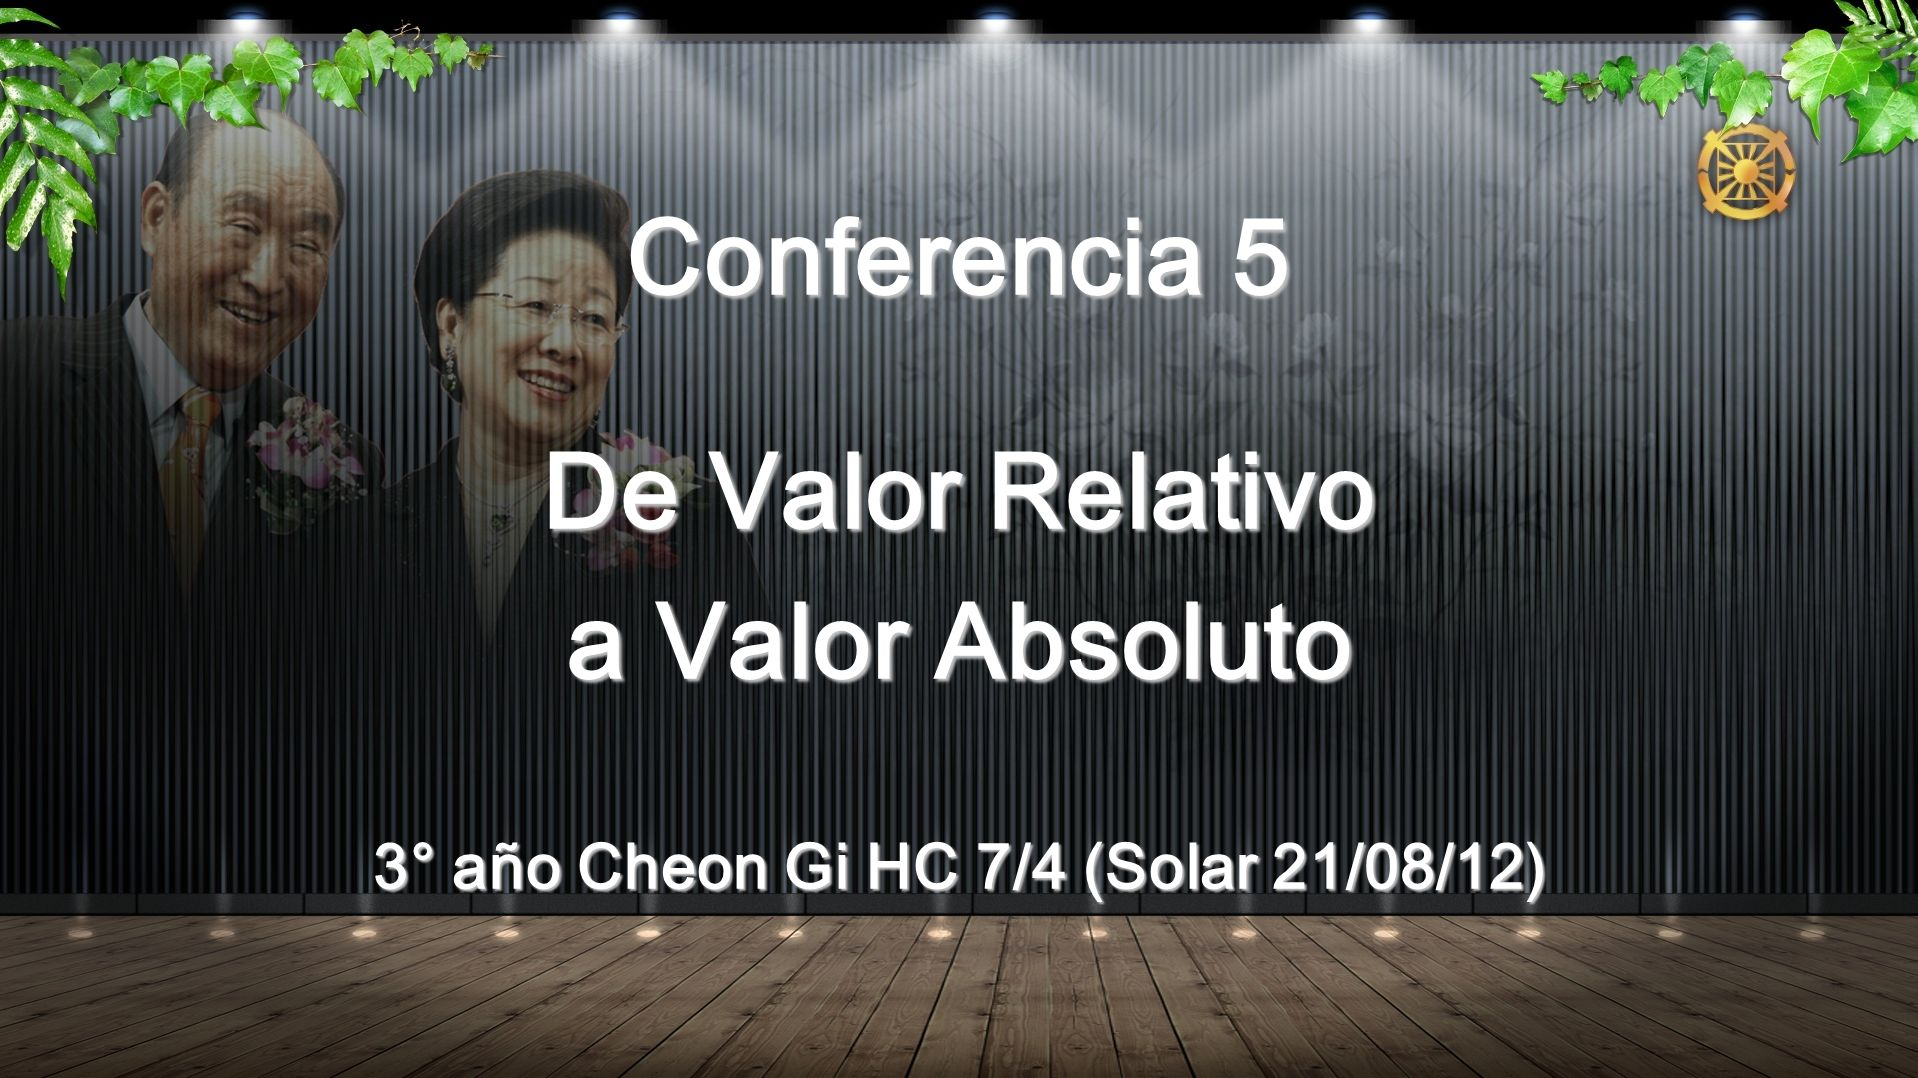 Conferencia 5 De Valor Relativo a Valor Absoluto 3° año Cheon Gi HC 7/4 (Solar 21/08/12)